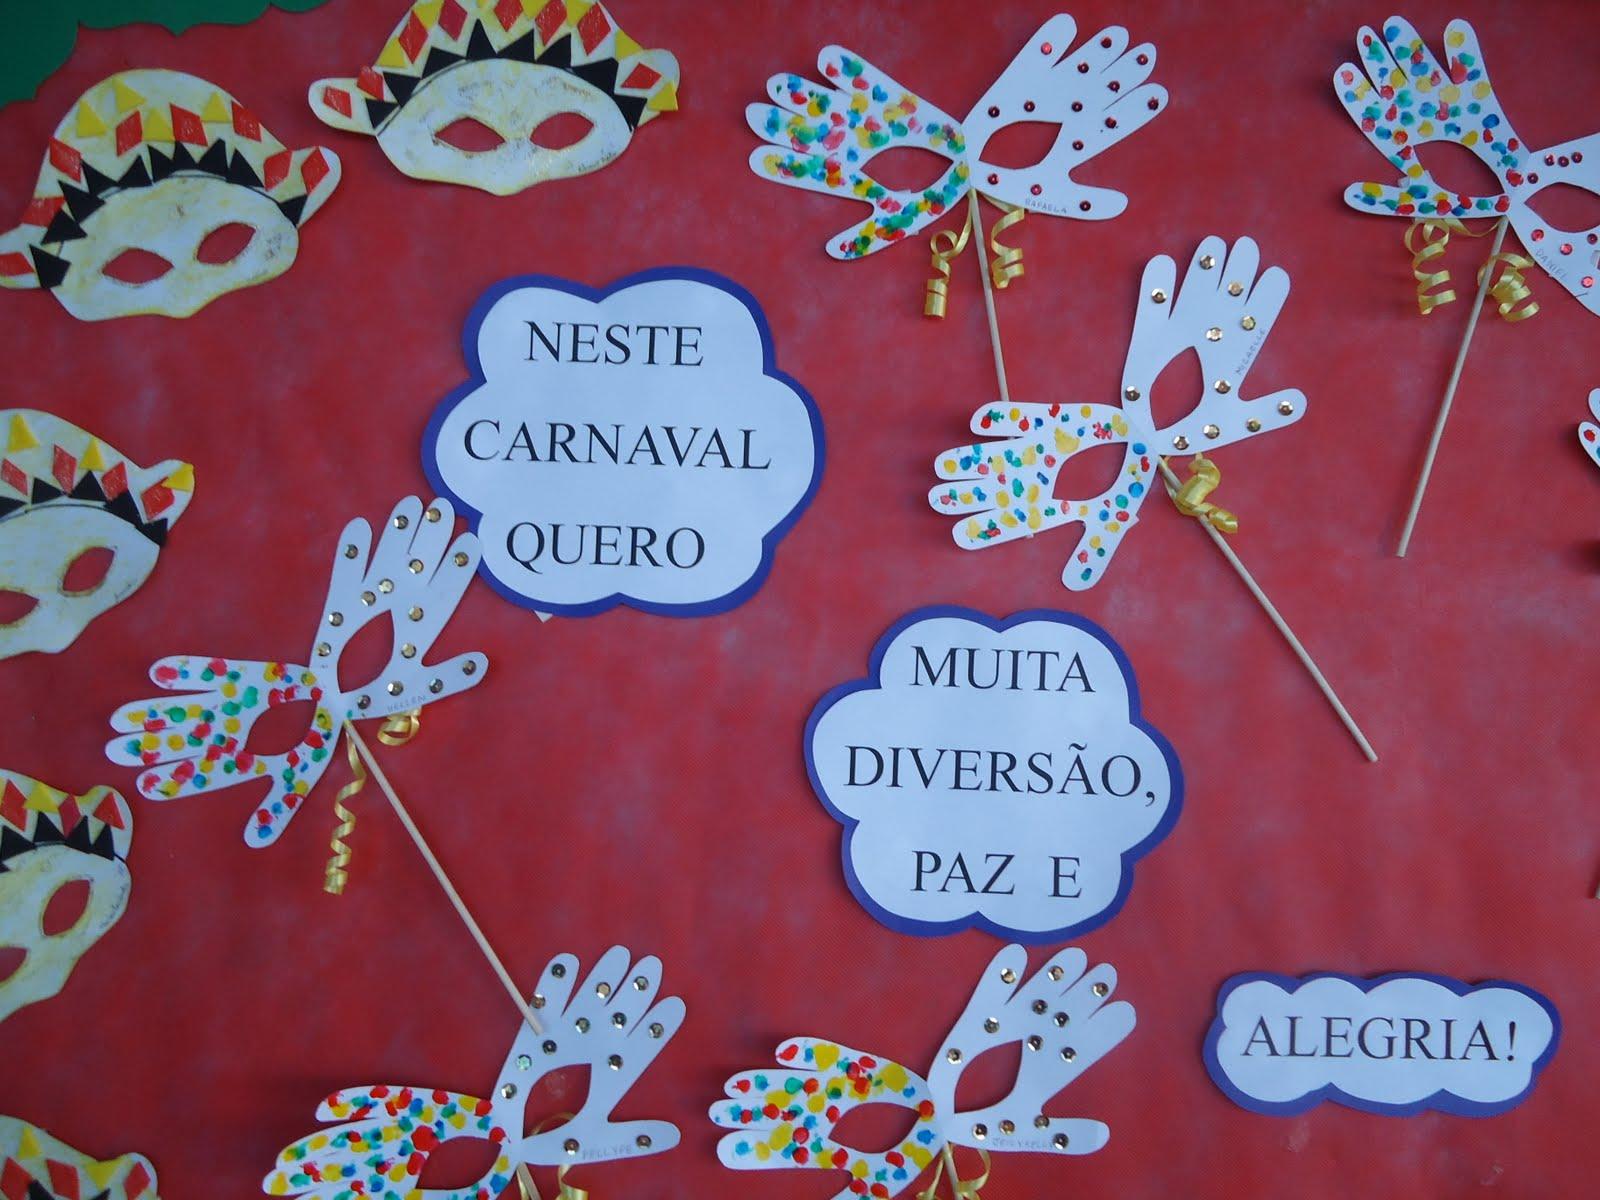 Decoração de carnaval para escola